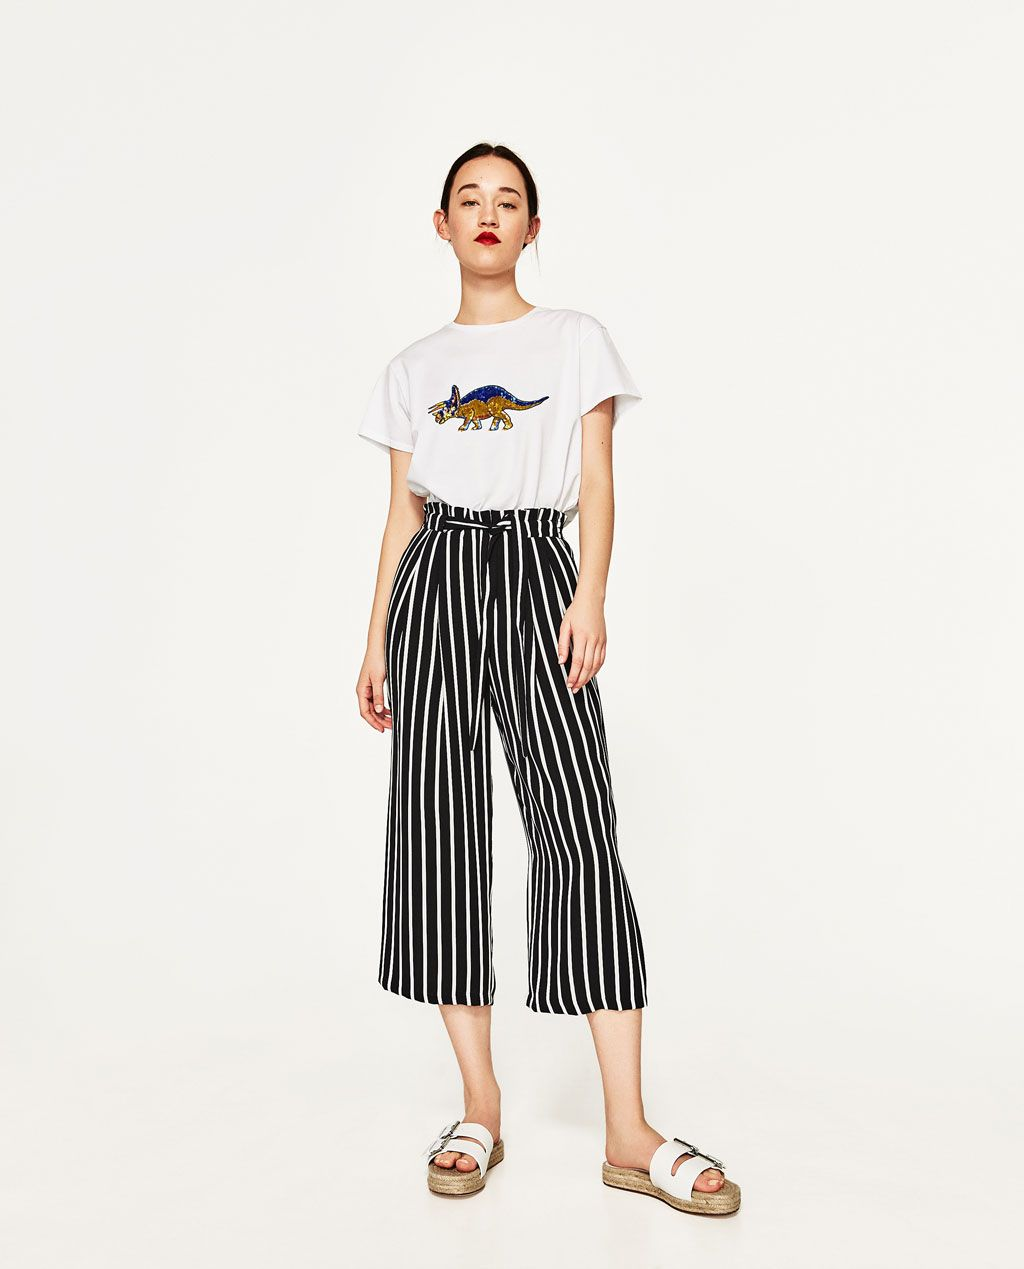 fe61ca56924da7 Image 1 de JUPE-CULOTTE de Zara | VETEMENTS | Jupe culotte, Jupe et Mode